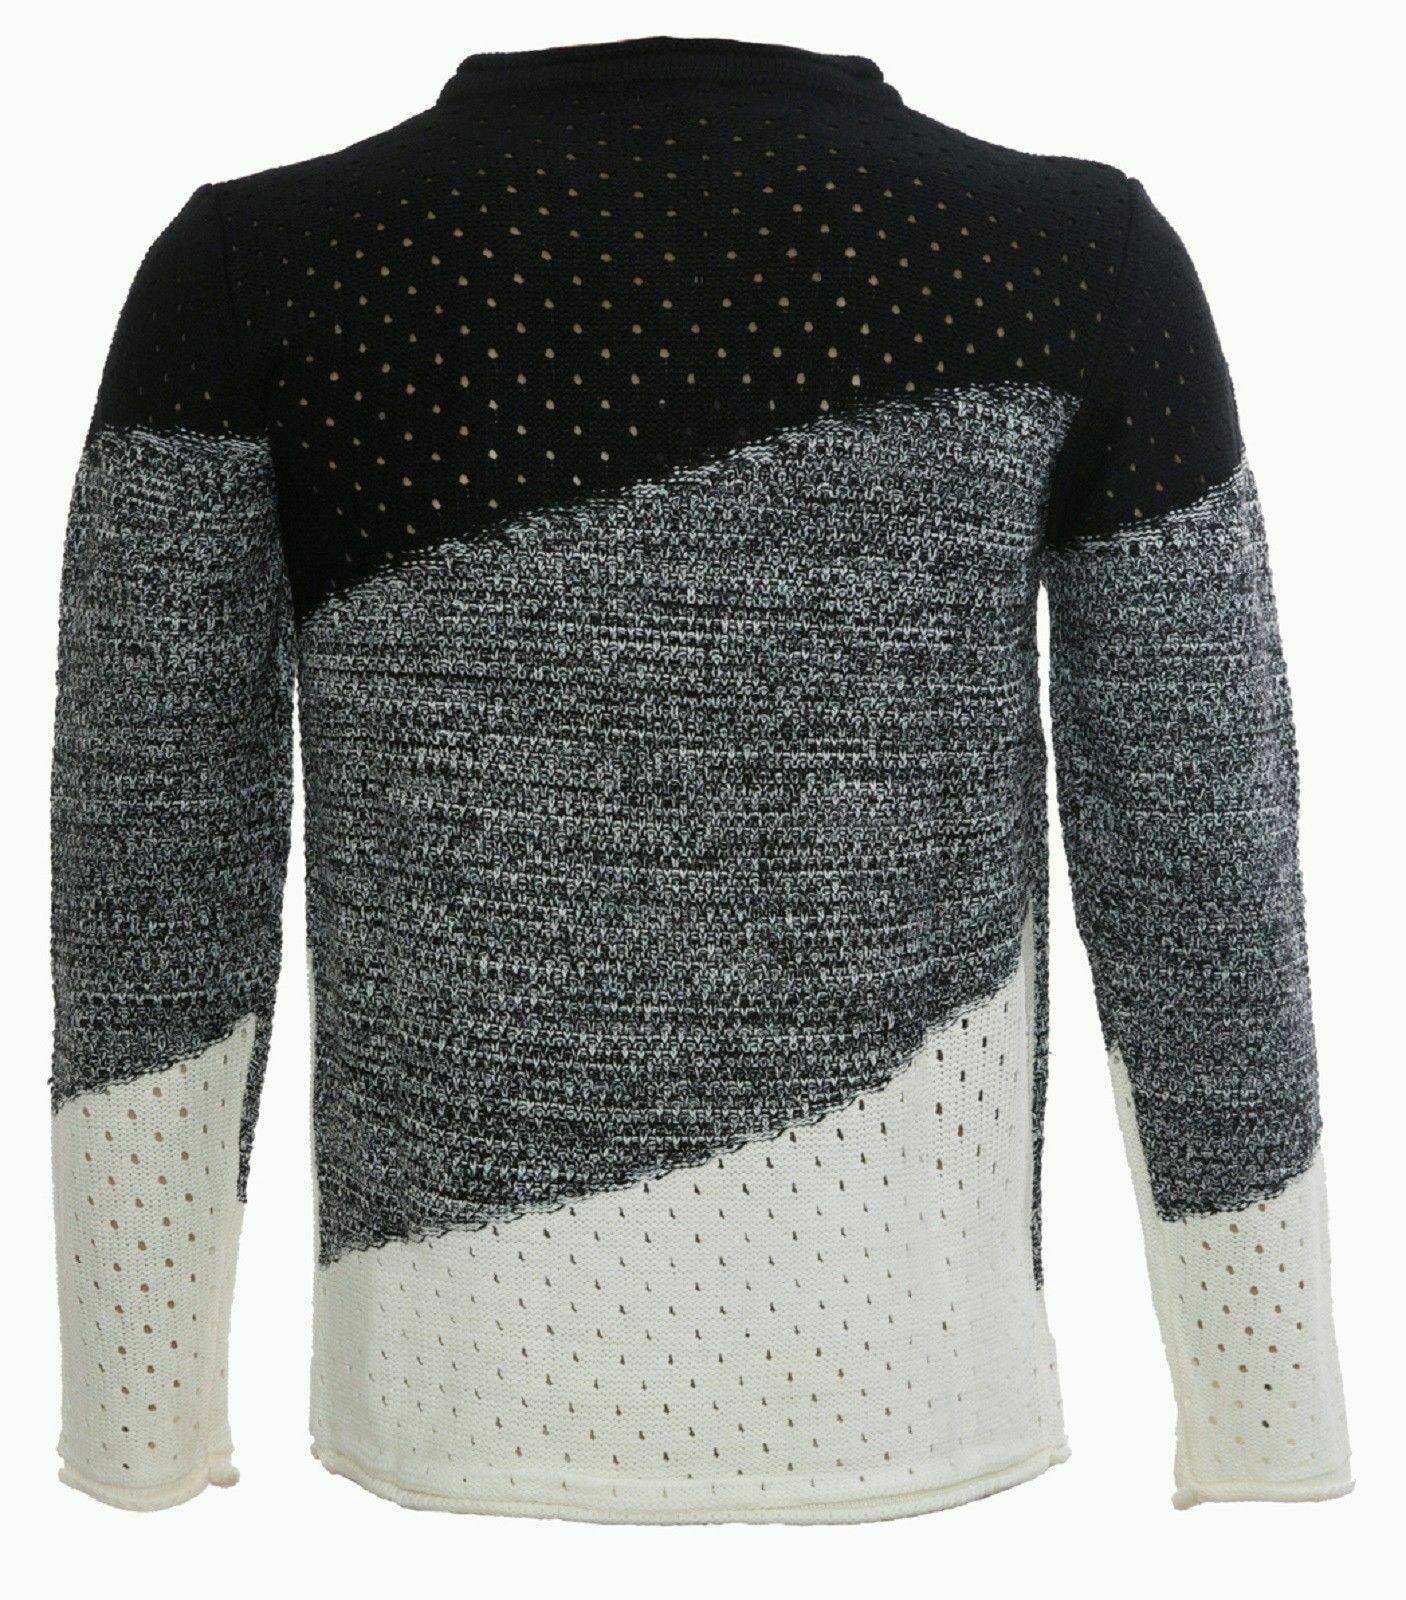 Maglione-uomo-Girocollo-Maglioncino-Invernale-Maglia-slim-fit-Pullover-Casual miniatura 14